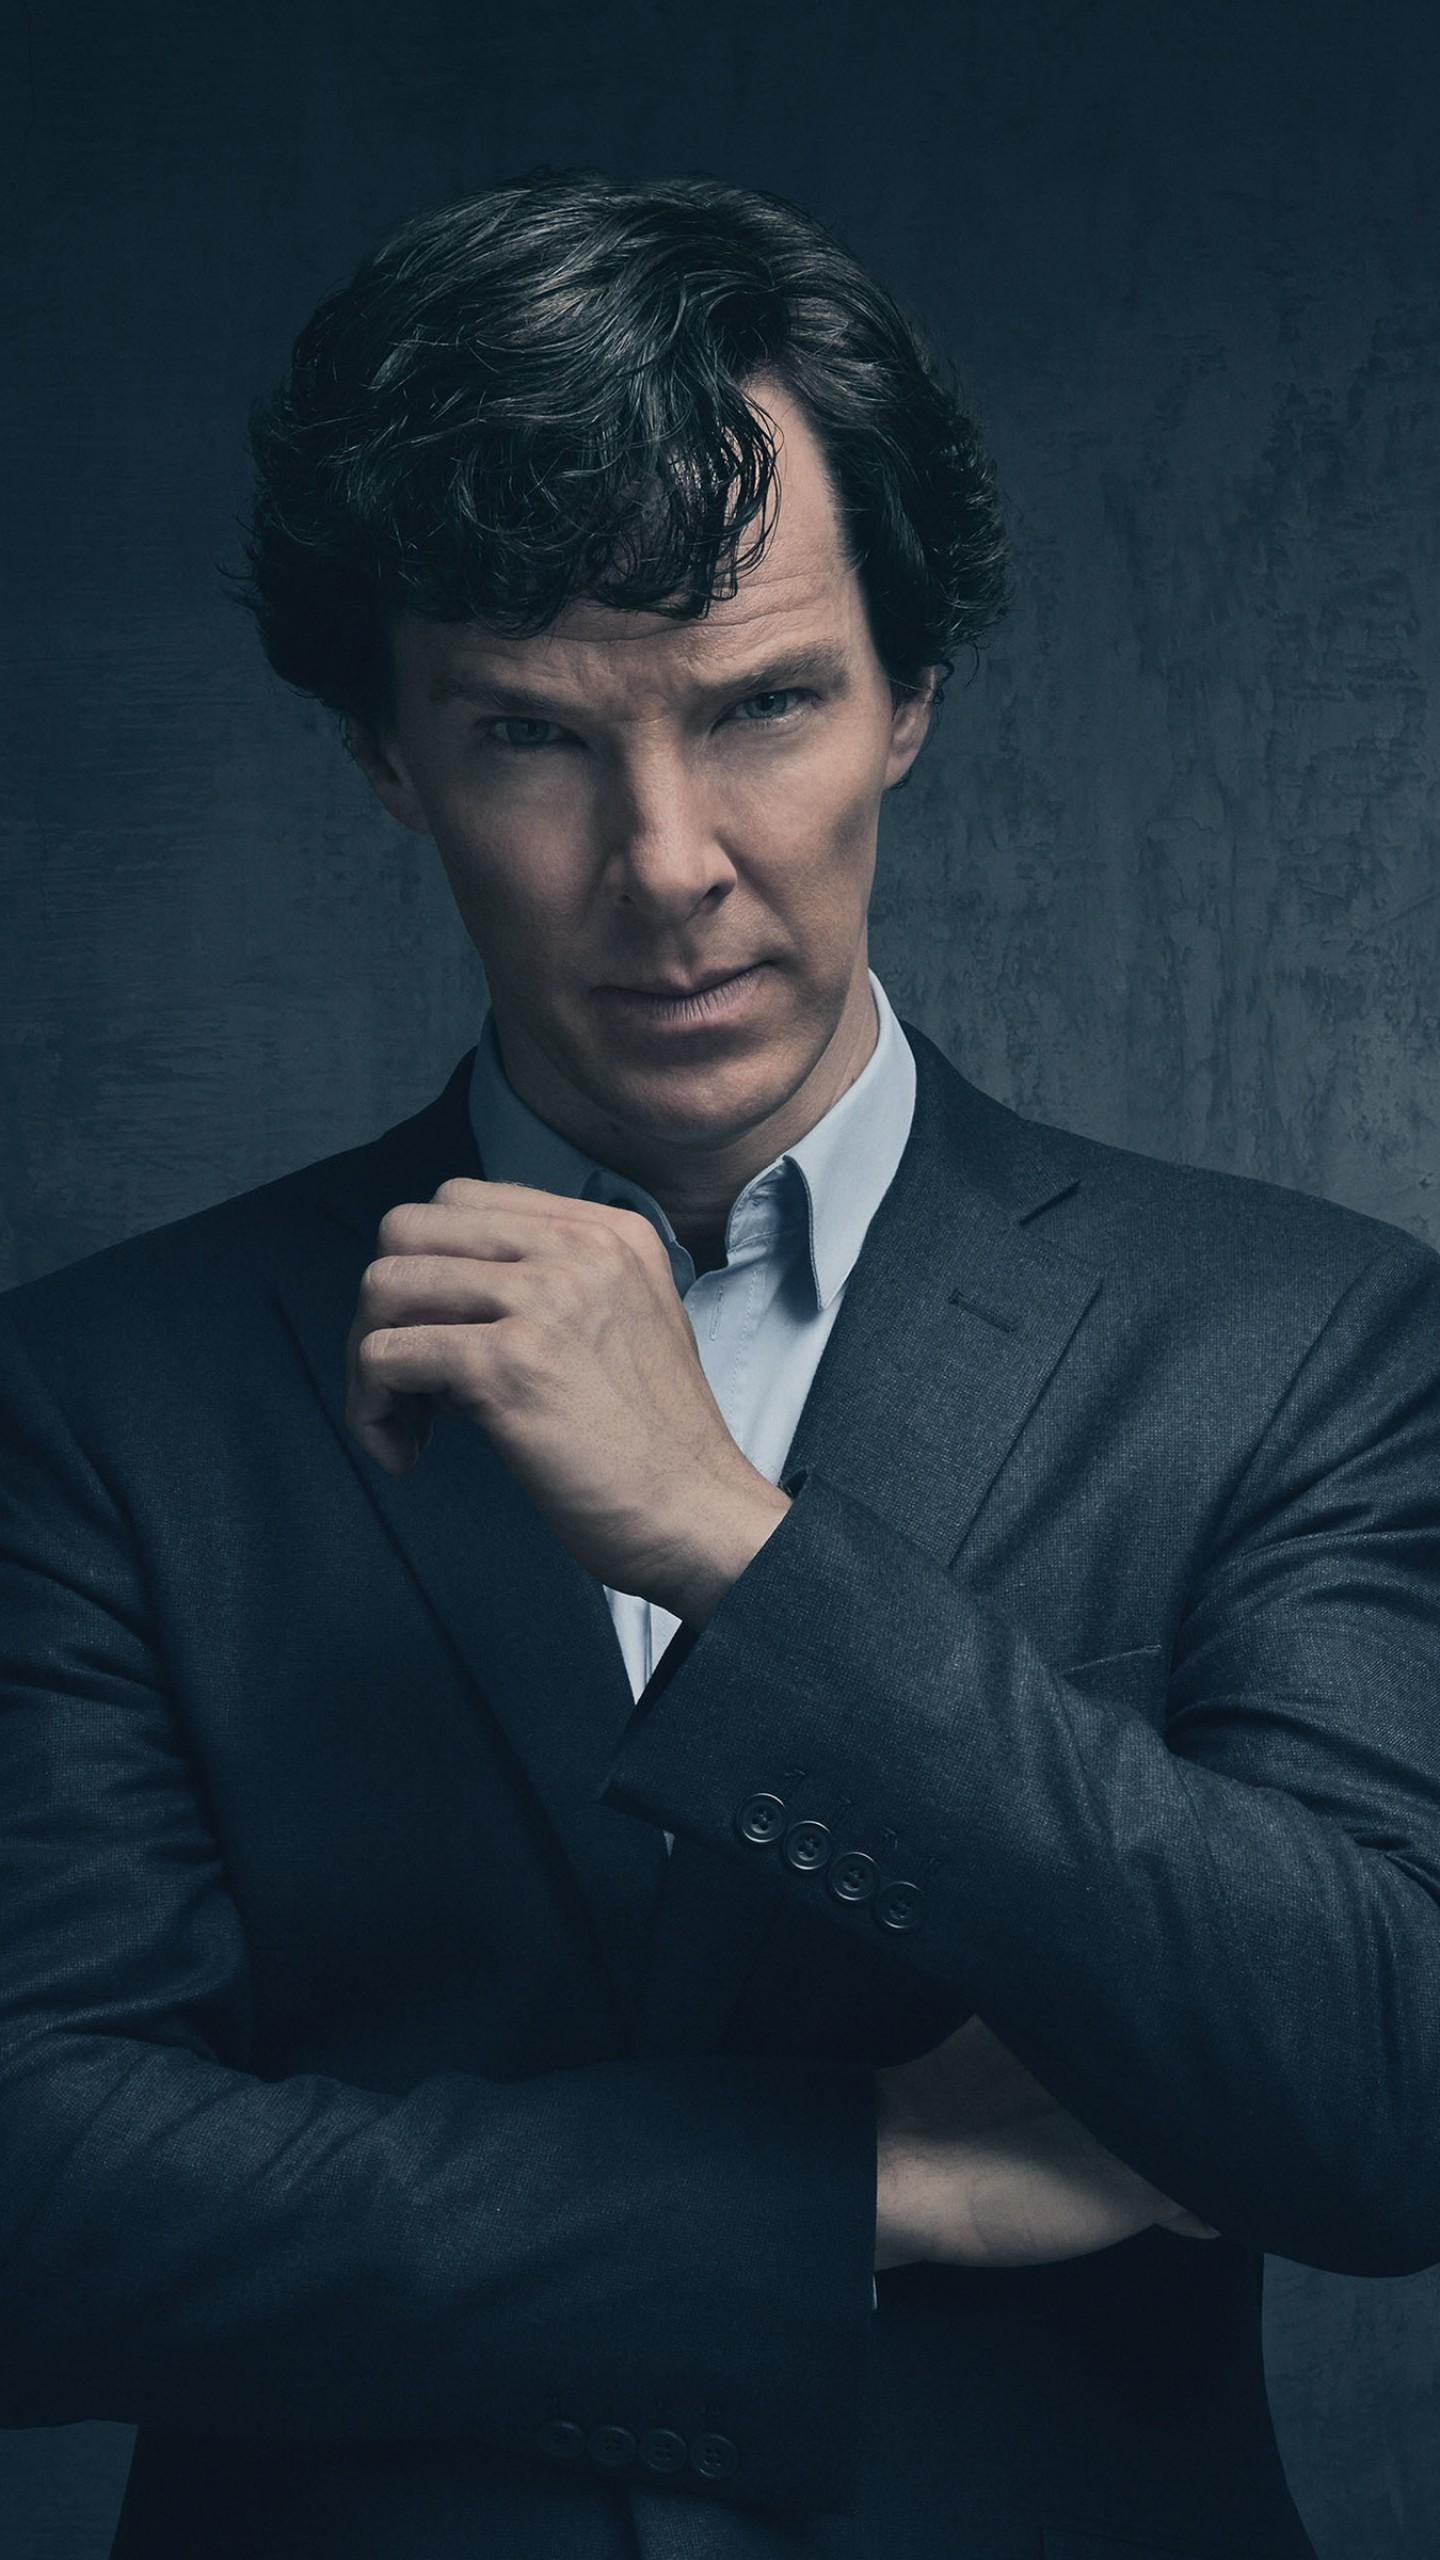 عکس زمینه فصل 4 سریال تلویزیونی شرلوک هولمز مارتین فریمن پس زمینه